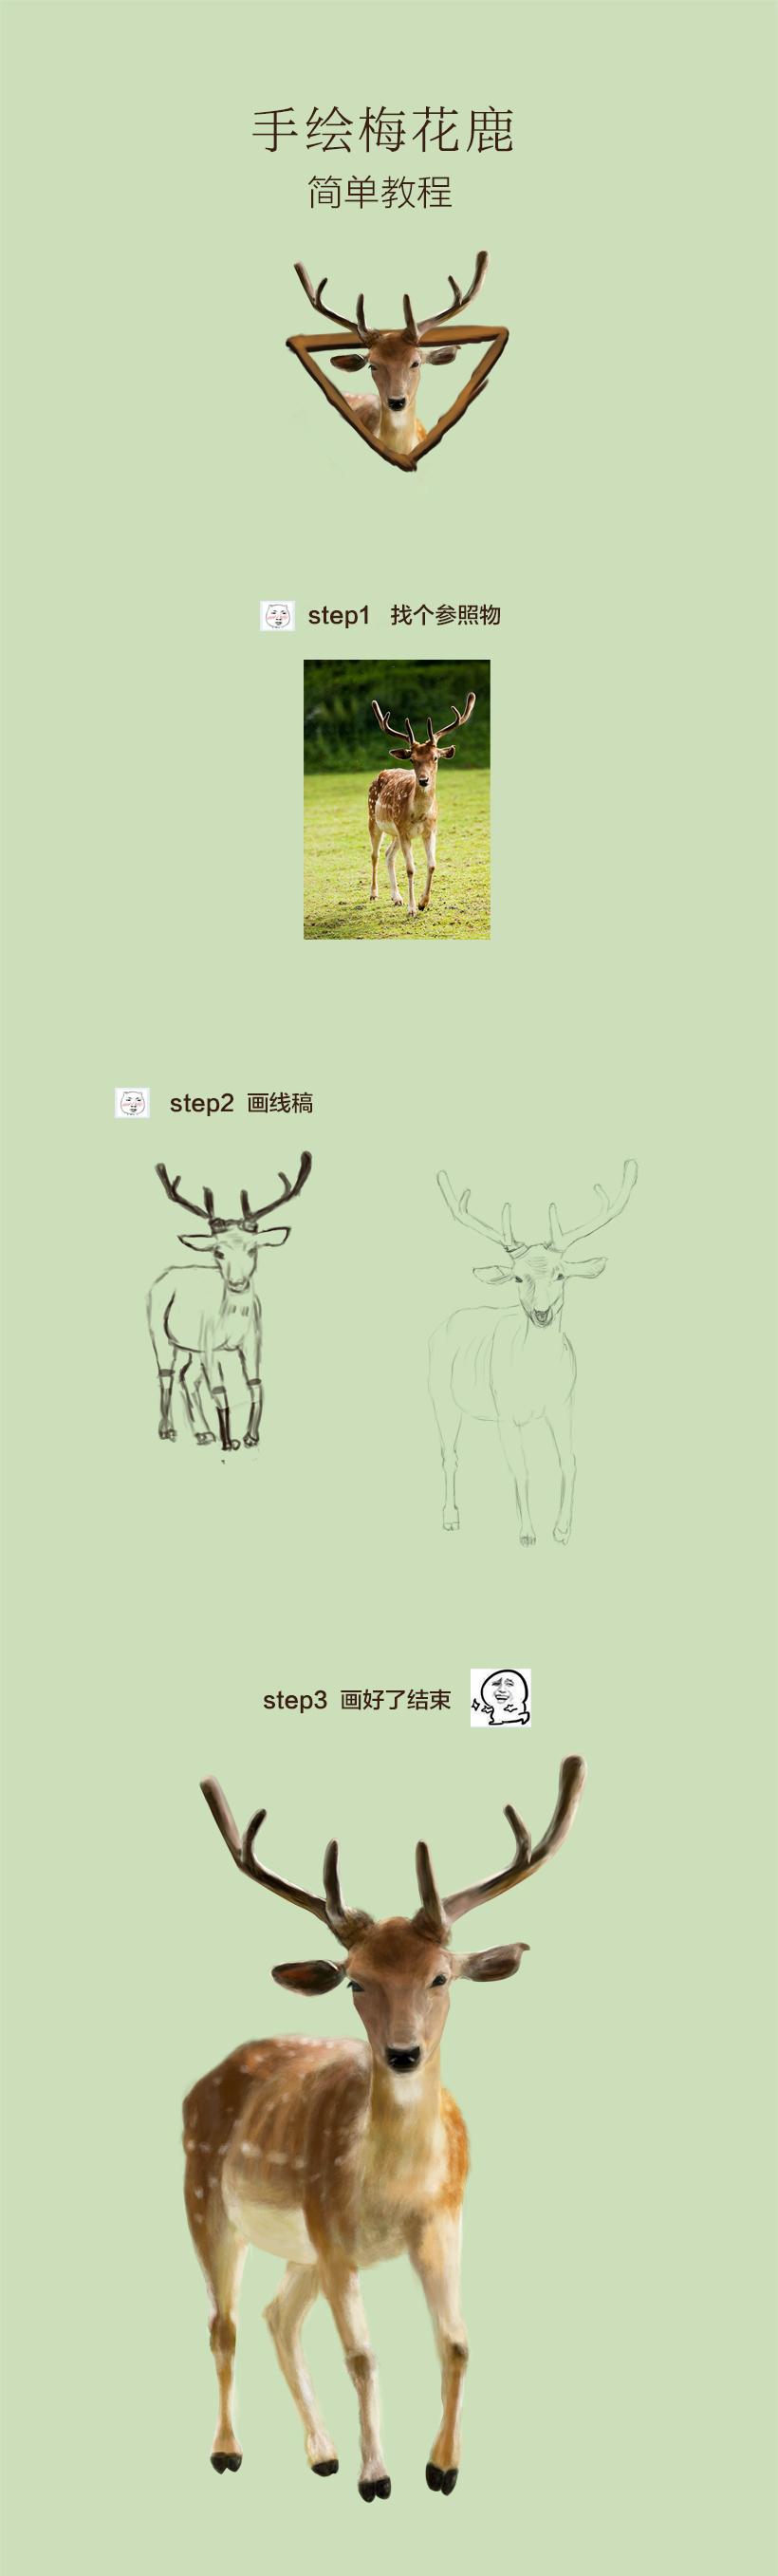 手绘教程-画梅花鹿